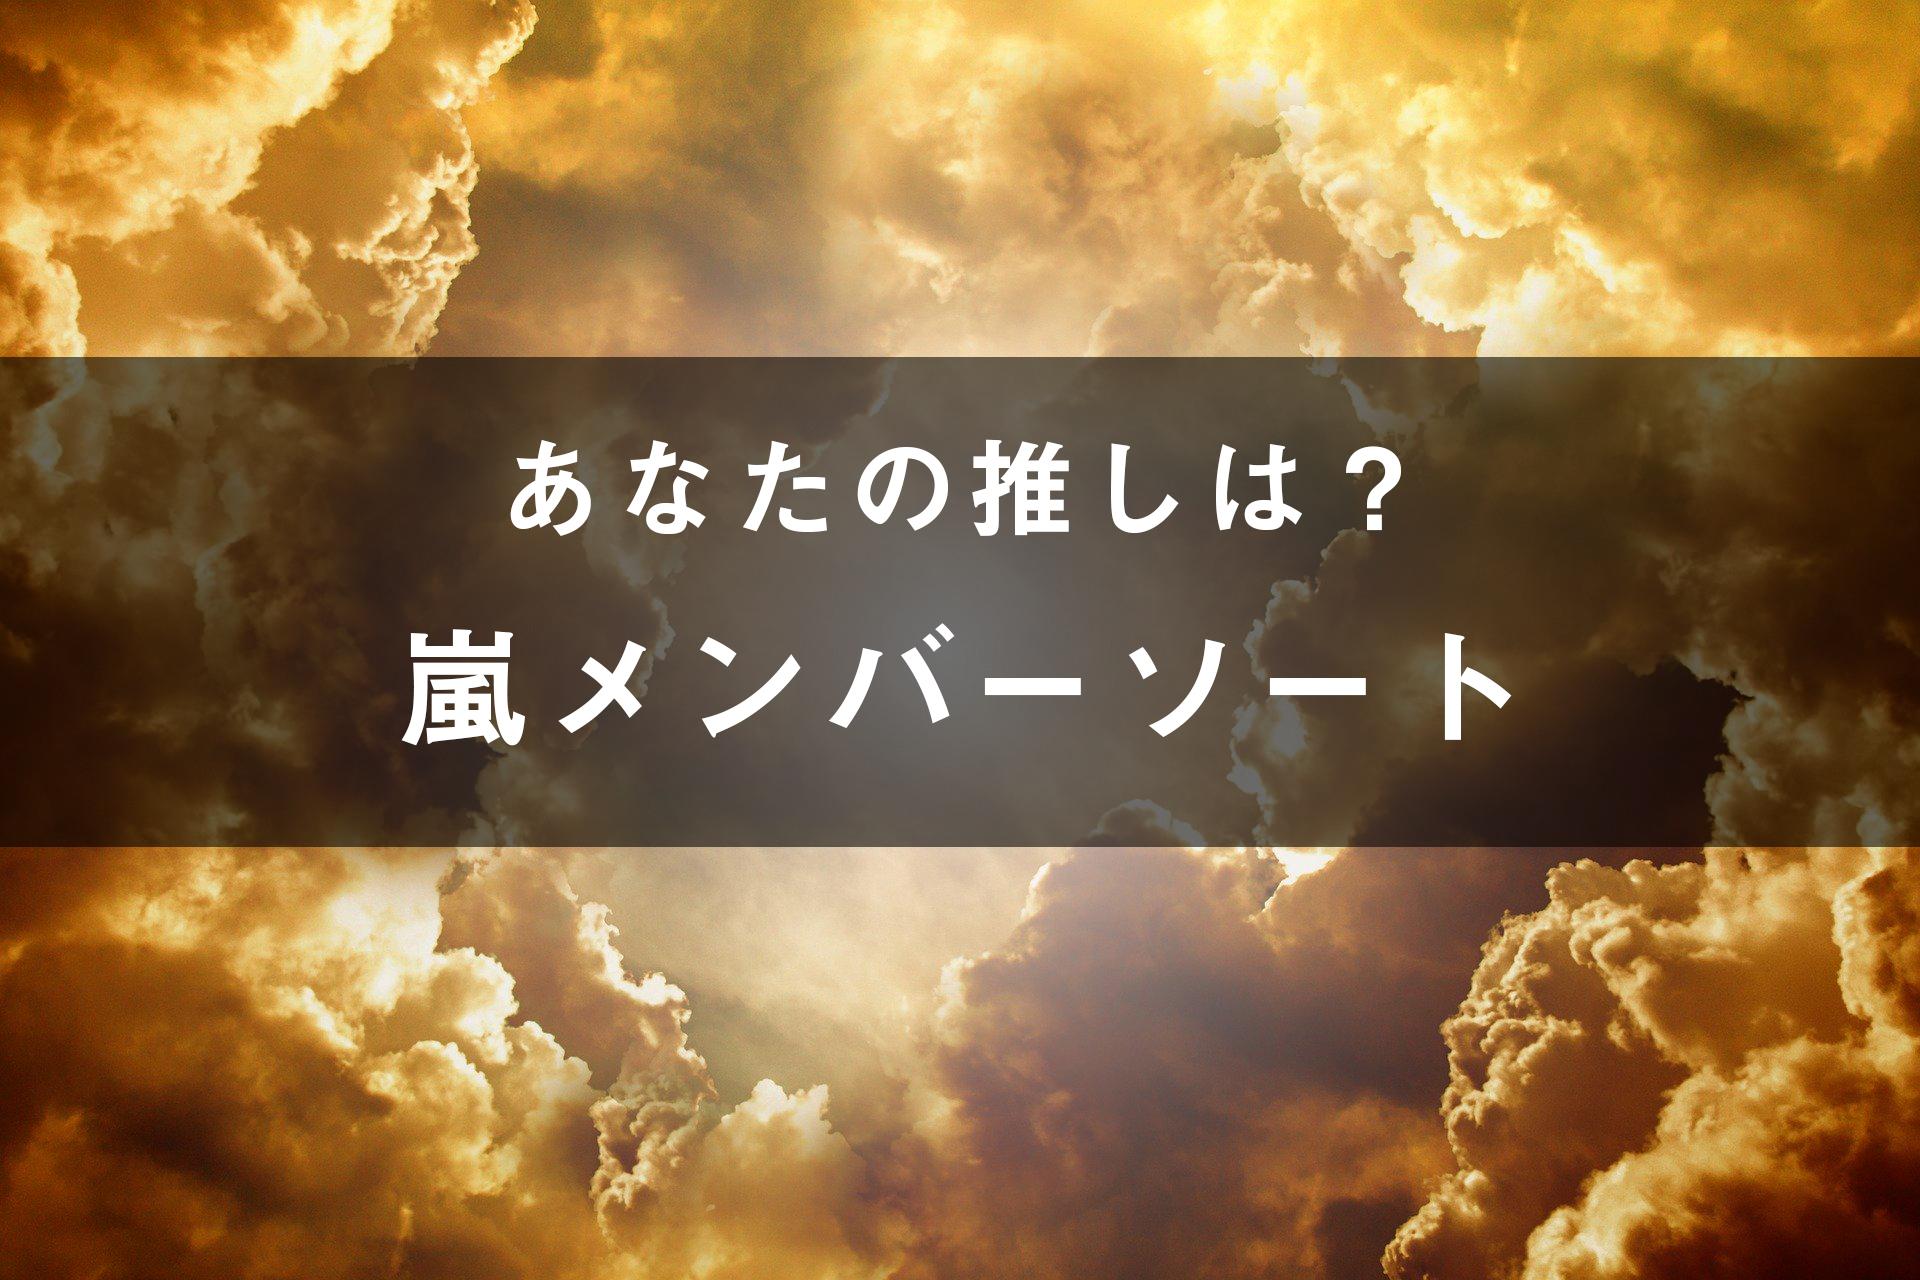 「嵐」のメンバーソート(画像付き)